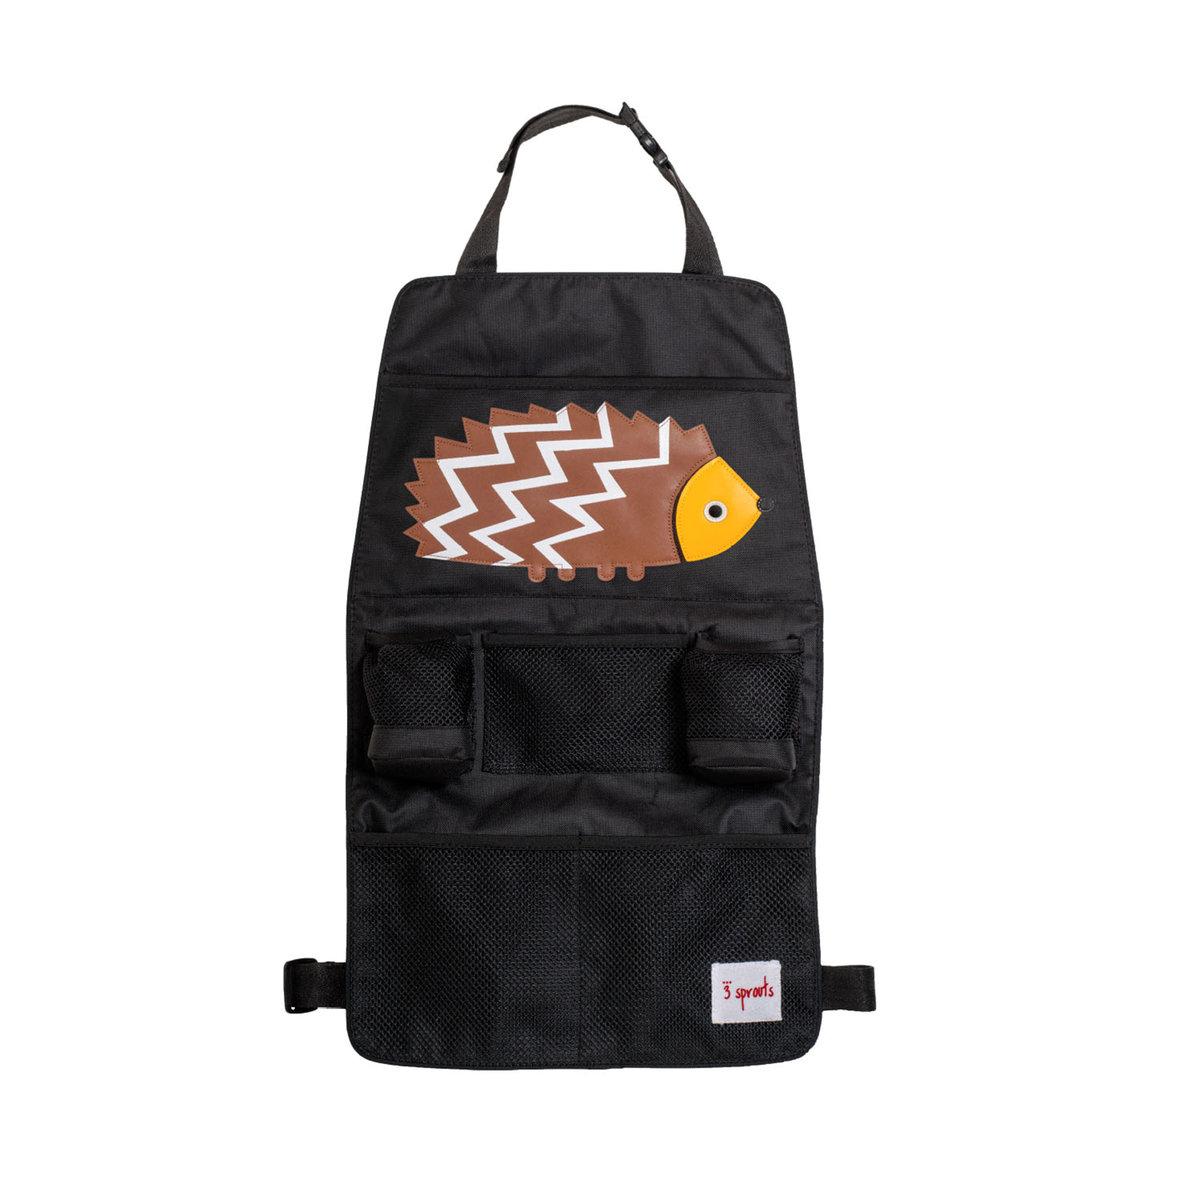 汽車椅背貯物袋 - 小刺蝟